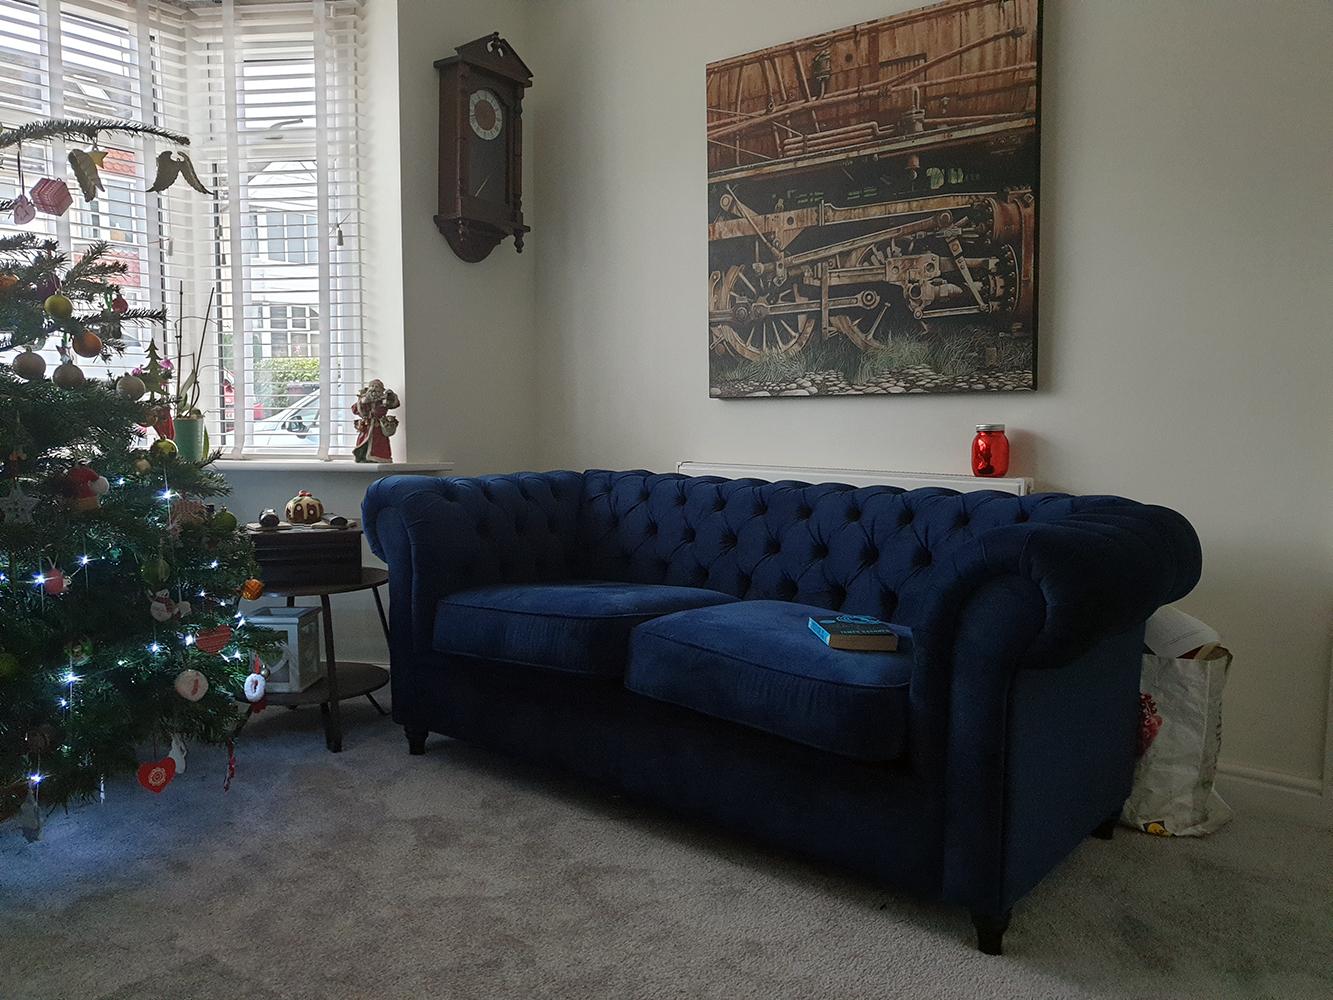 Ein marineblaues, gestepptes Dreisitzer-Sofa Chesterfield